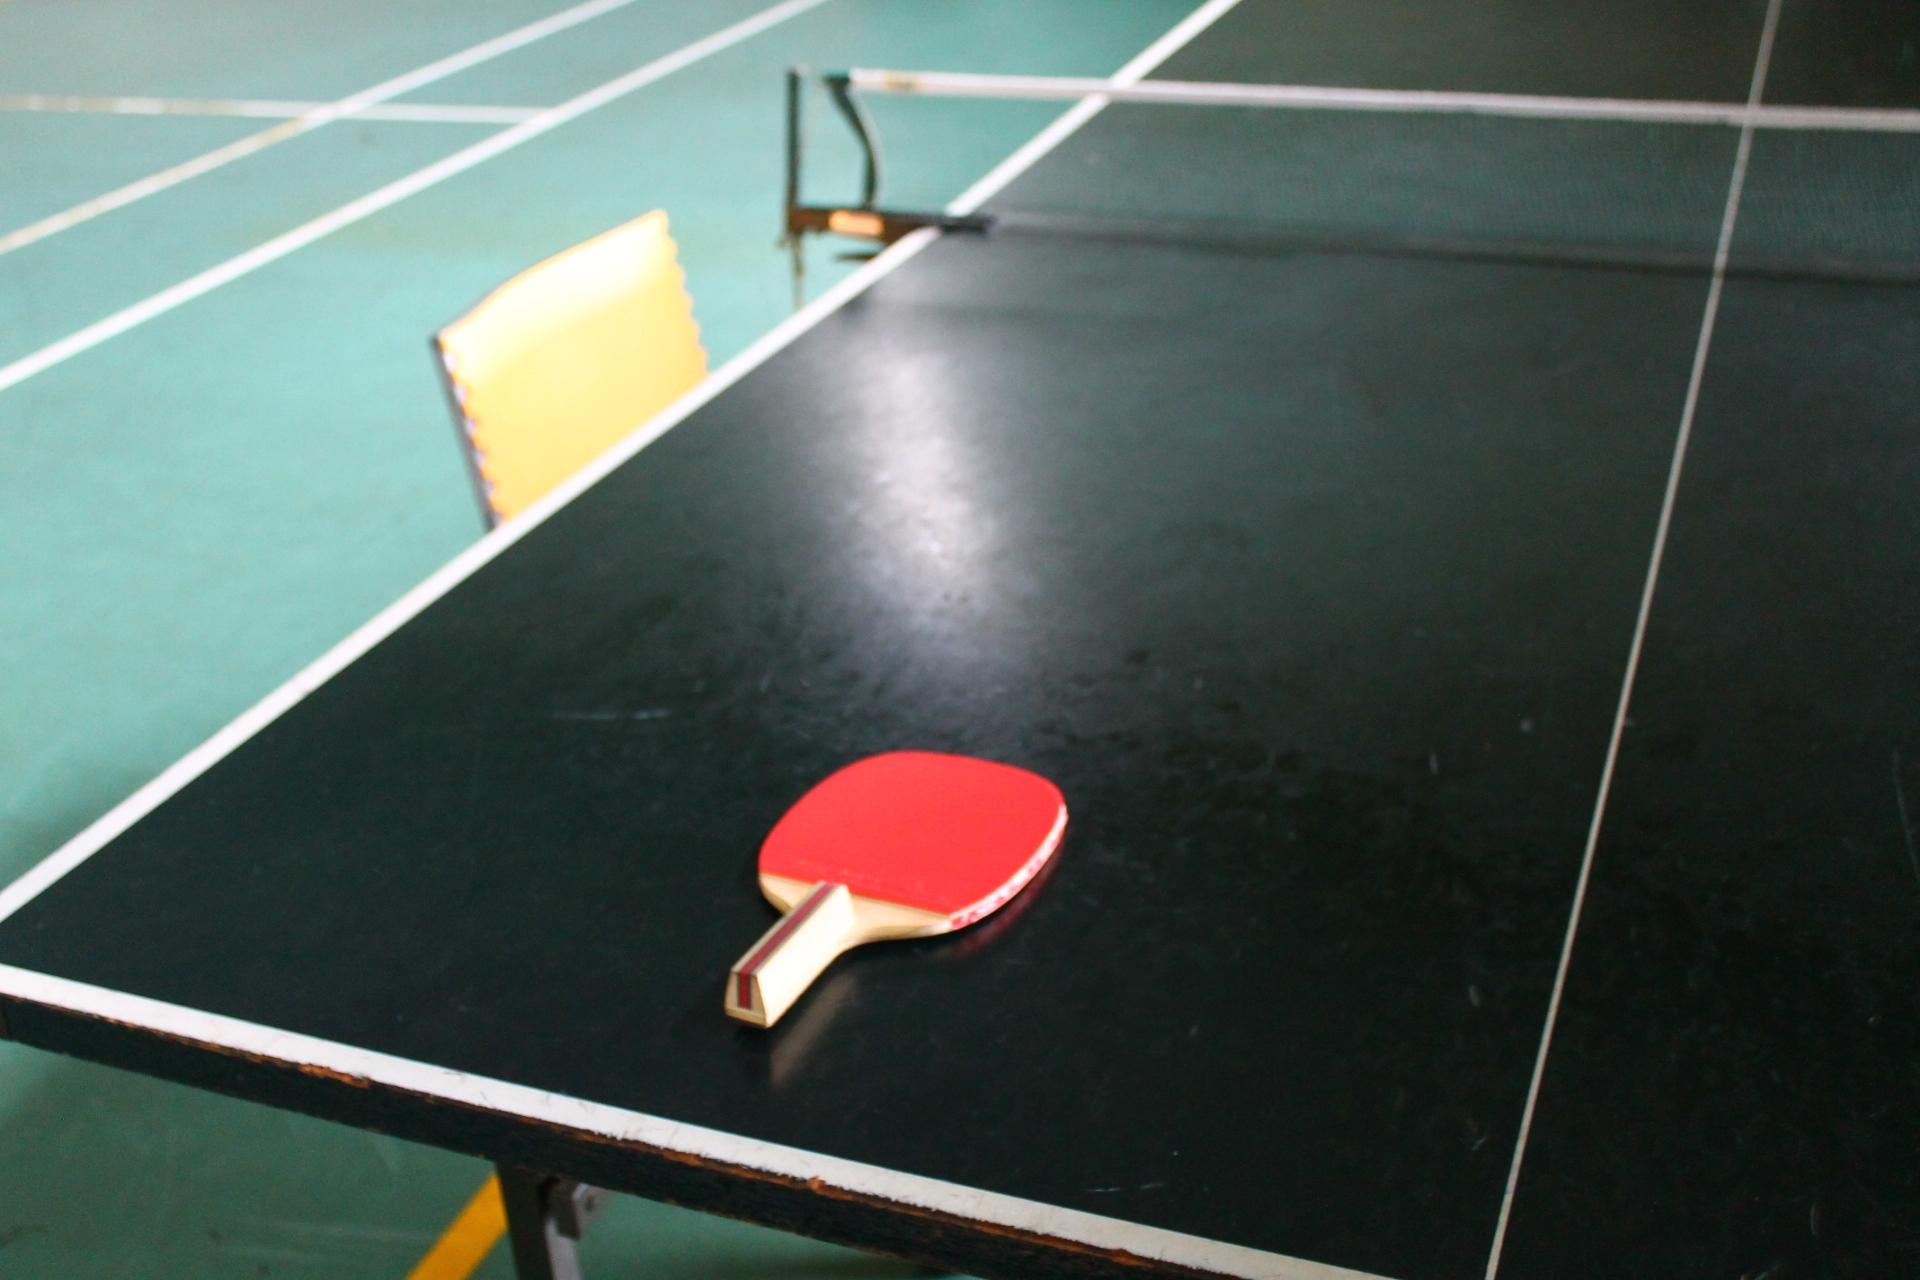 卓球のドライブマンの特徴。初心者のための練習方法と戦術を解説。